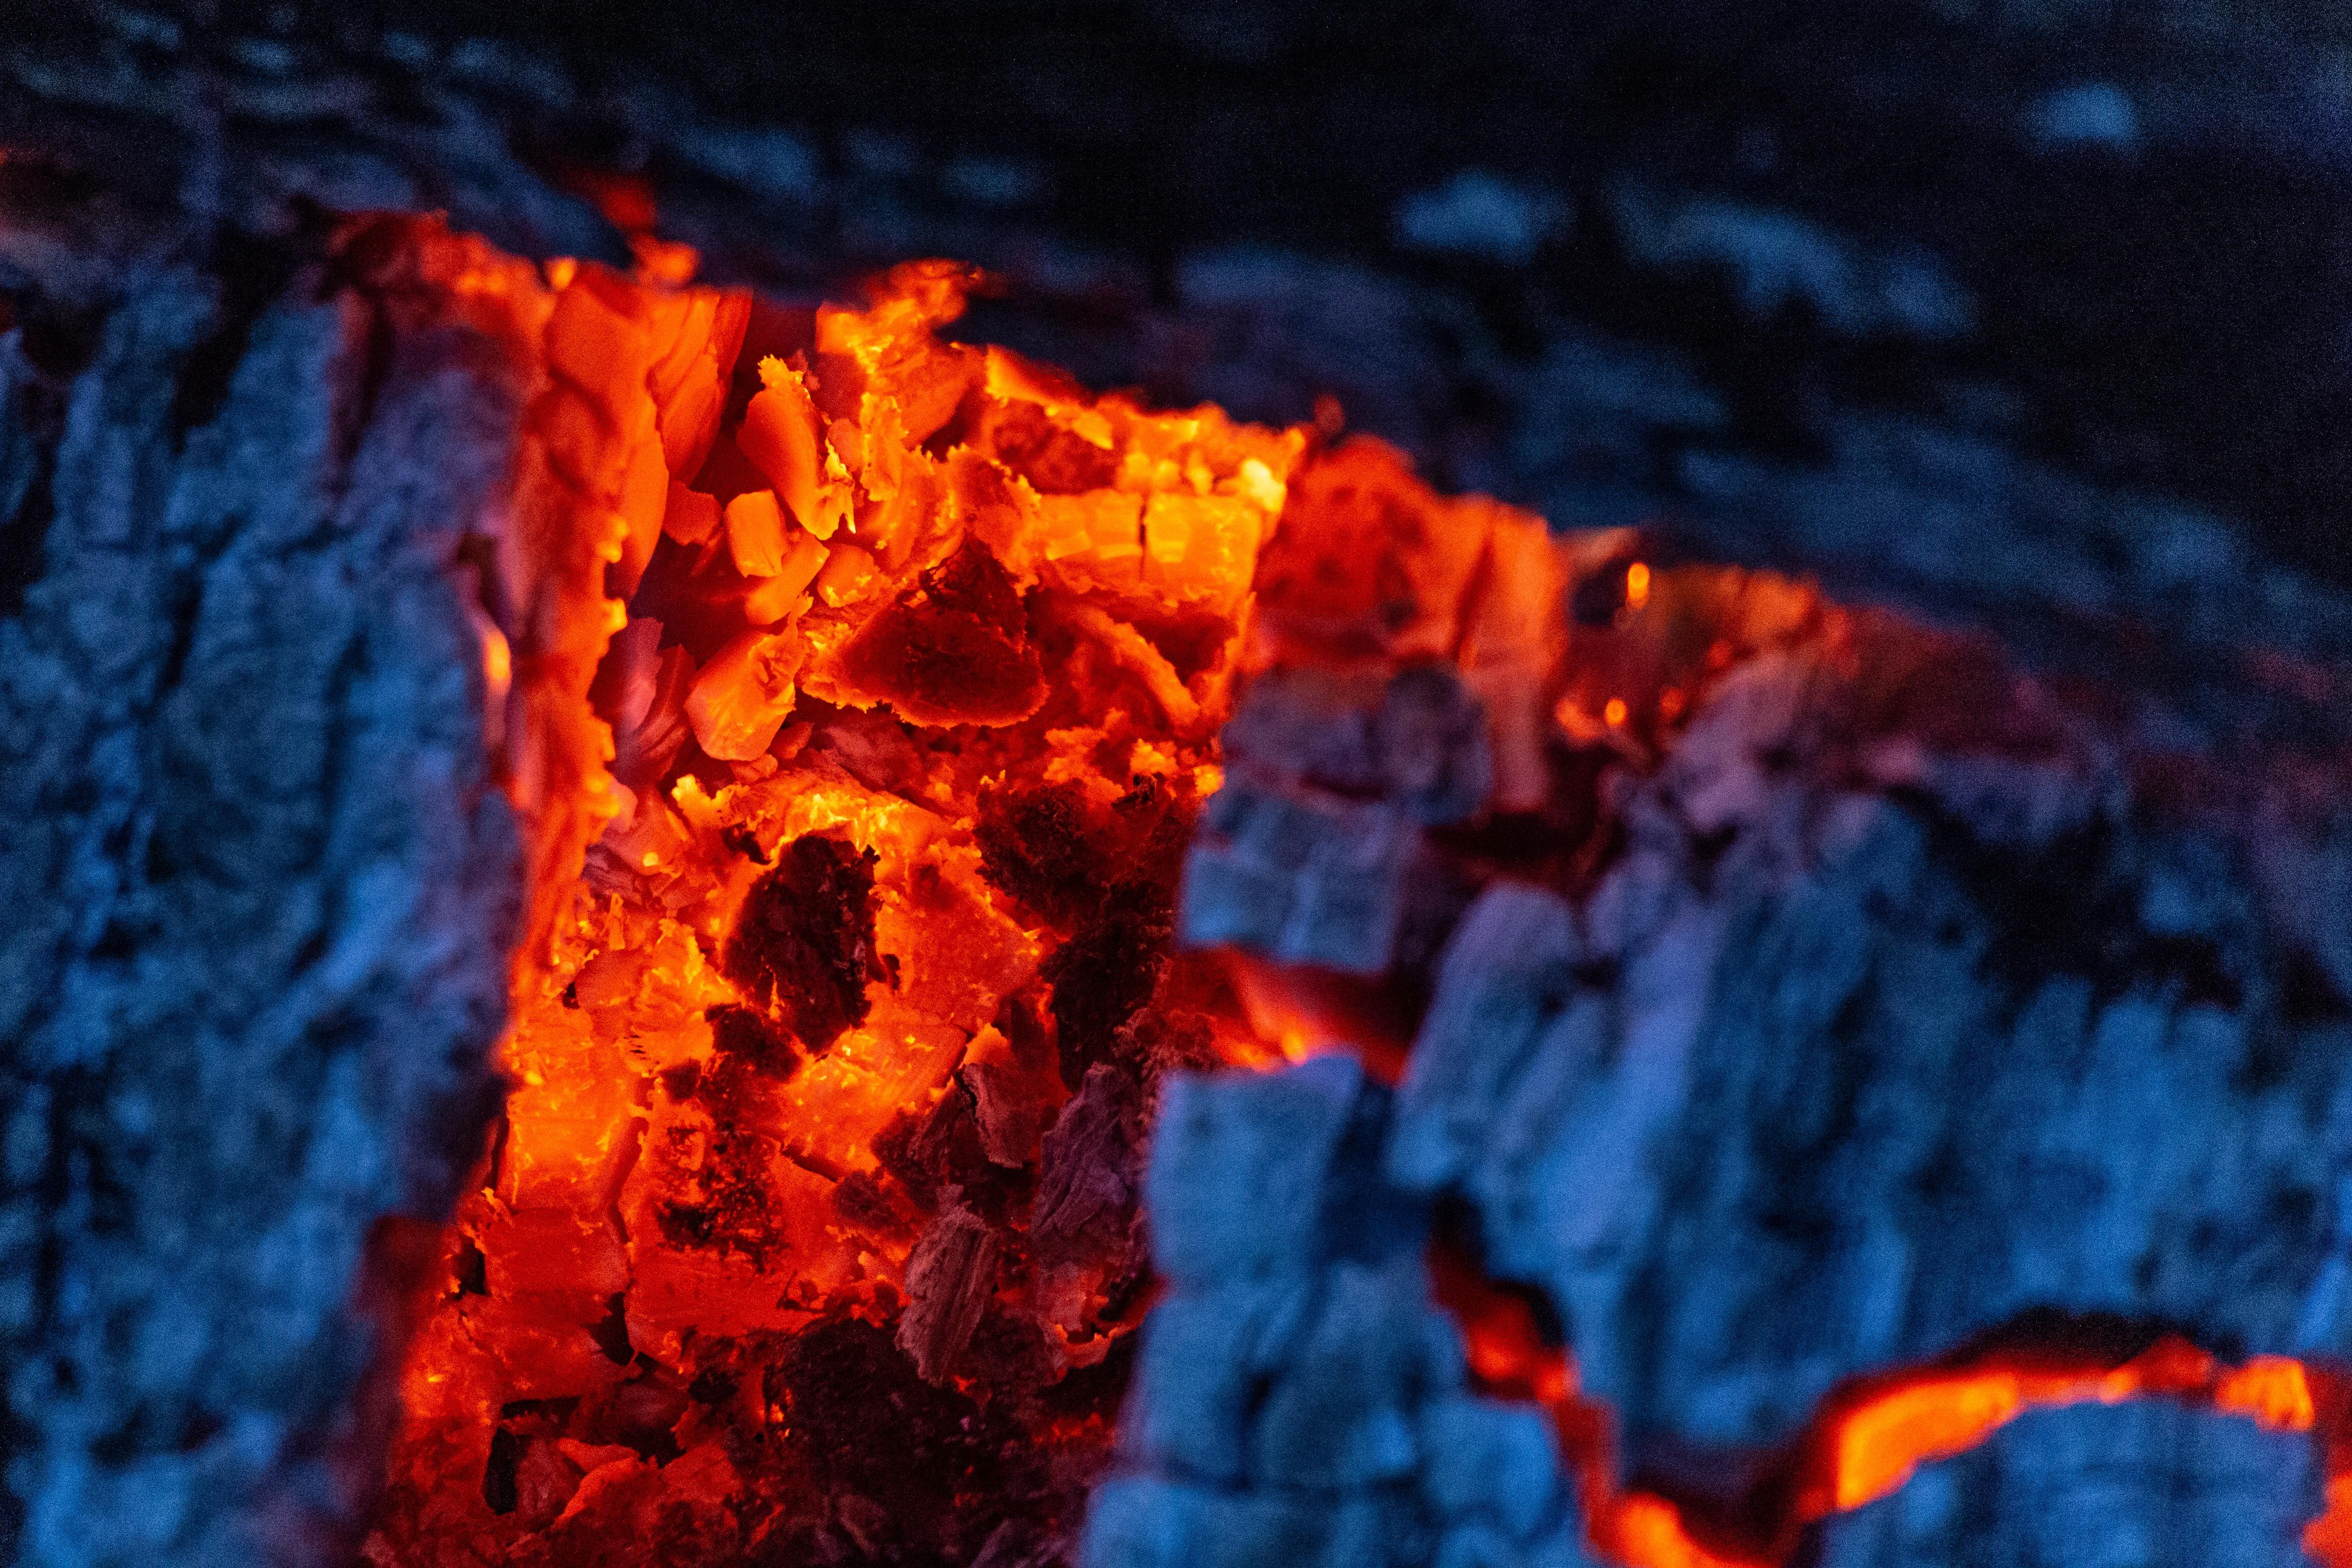 Сушка помещения тлеющими углями